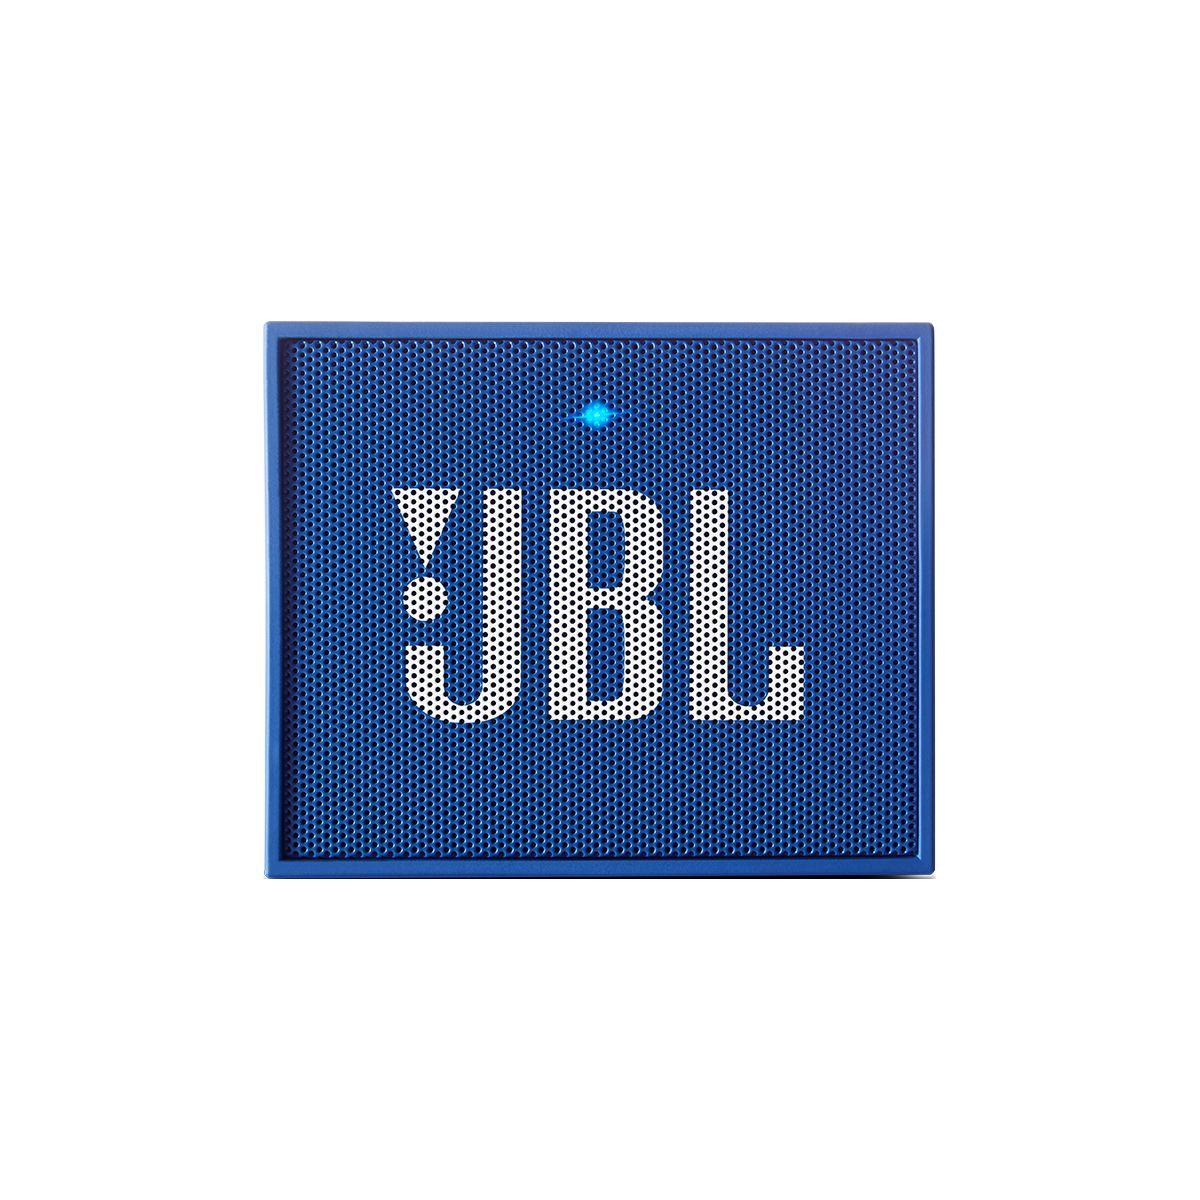 Enceinte bluetooth jbl go bleu - livraison offerte : code liv (photo)